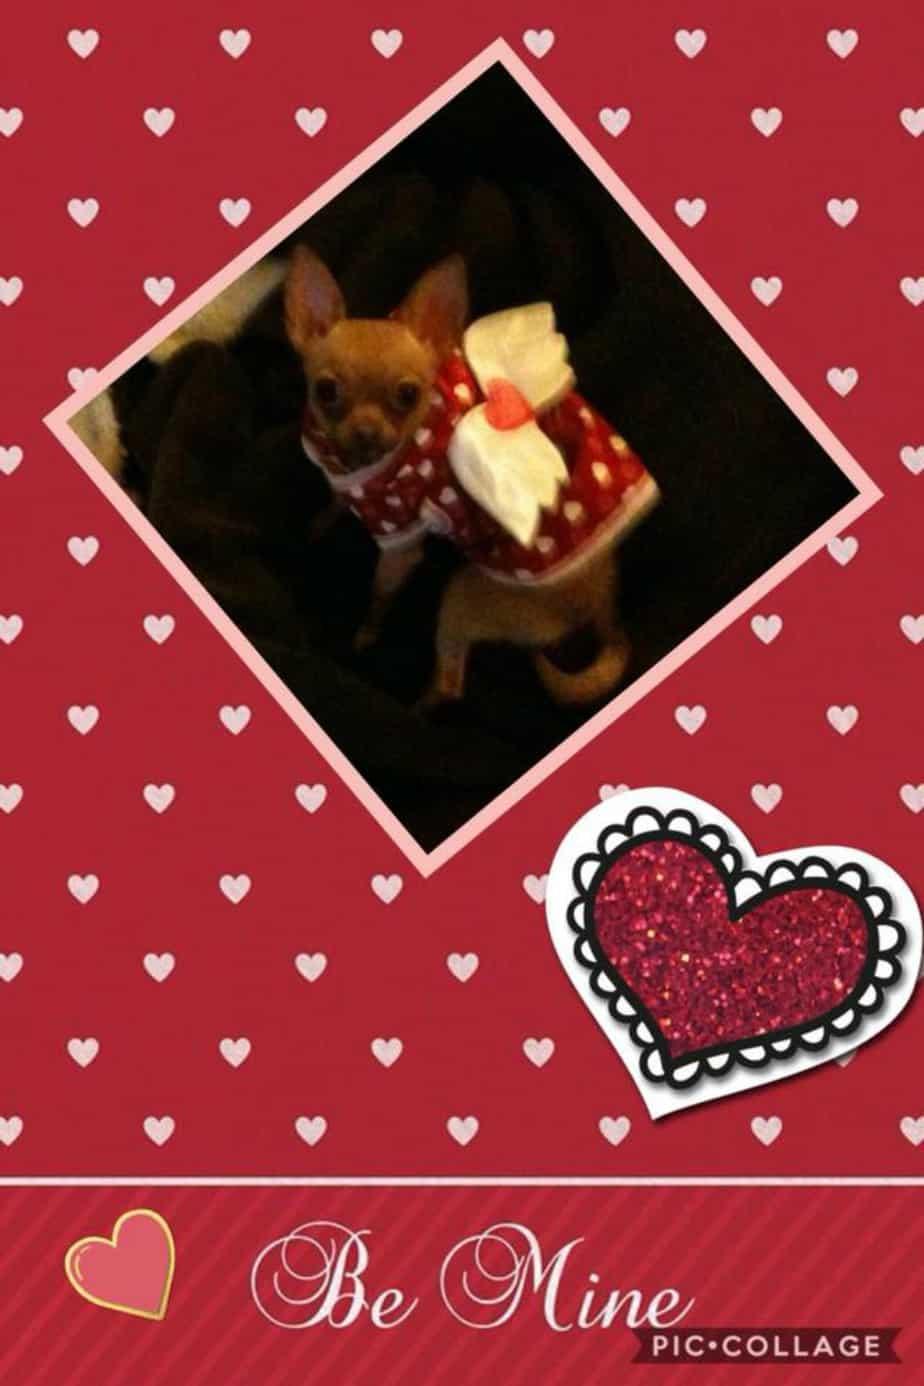 Valentine chihuahuas